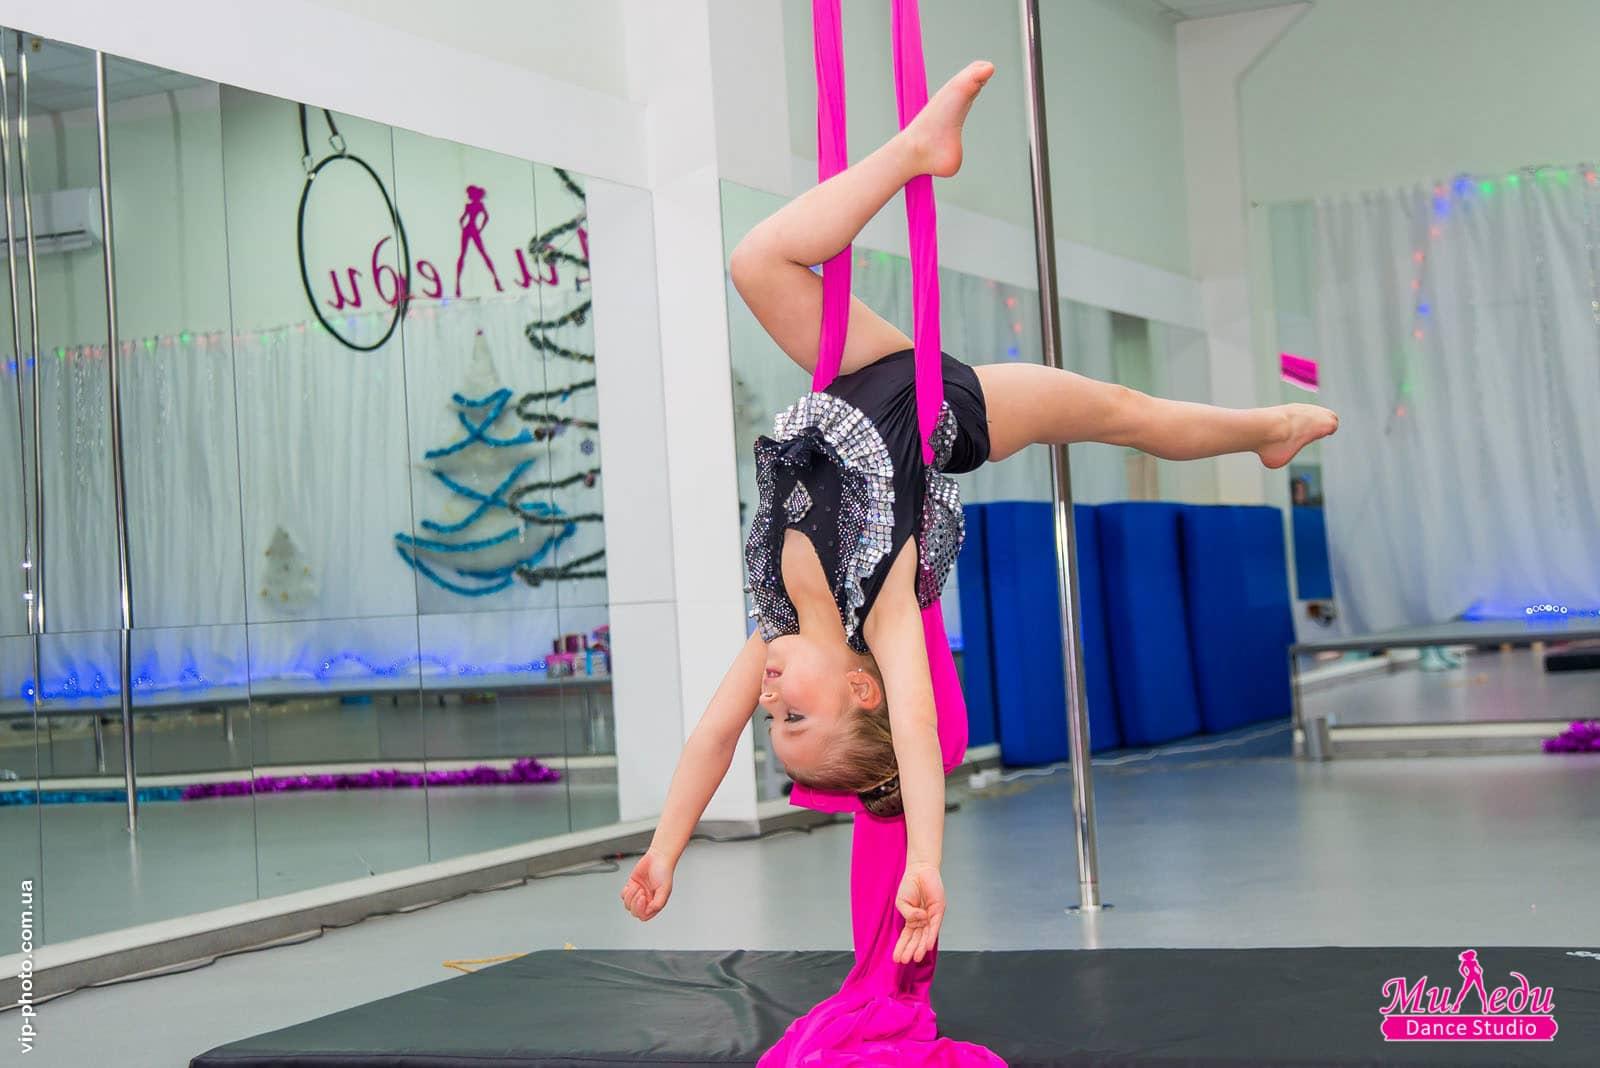 Новости Днепра про Тренировки для детей по направлениям: aerial silks, pole sport, акробатика и растяжка в Днепре